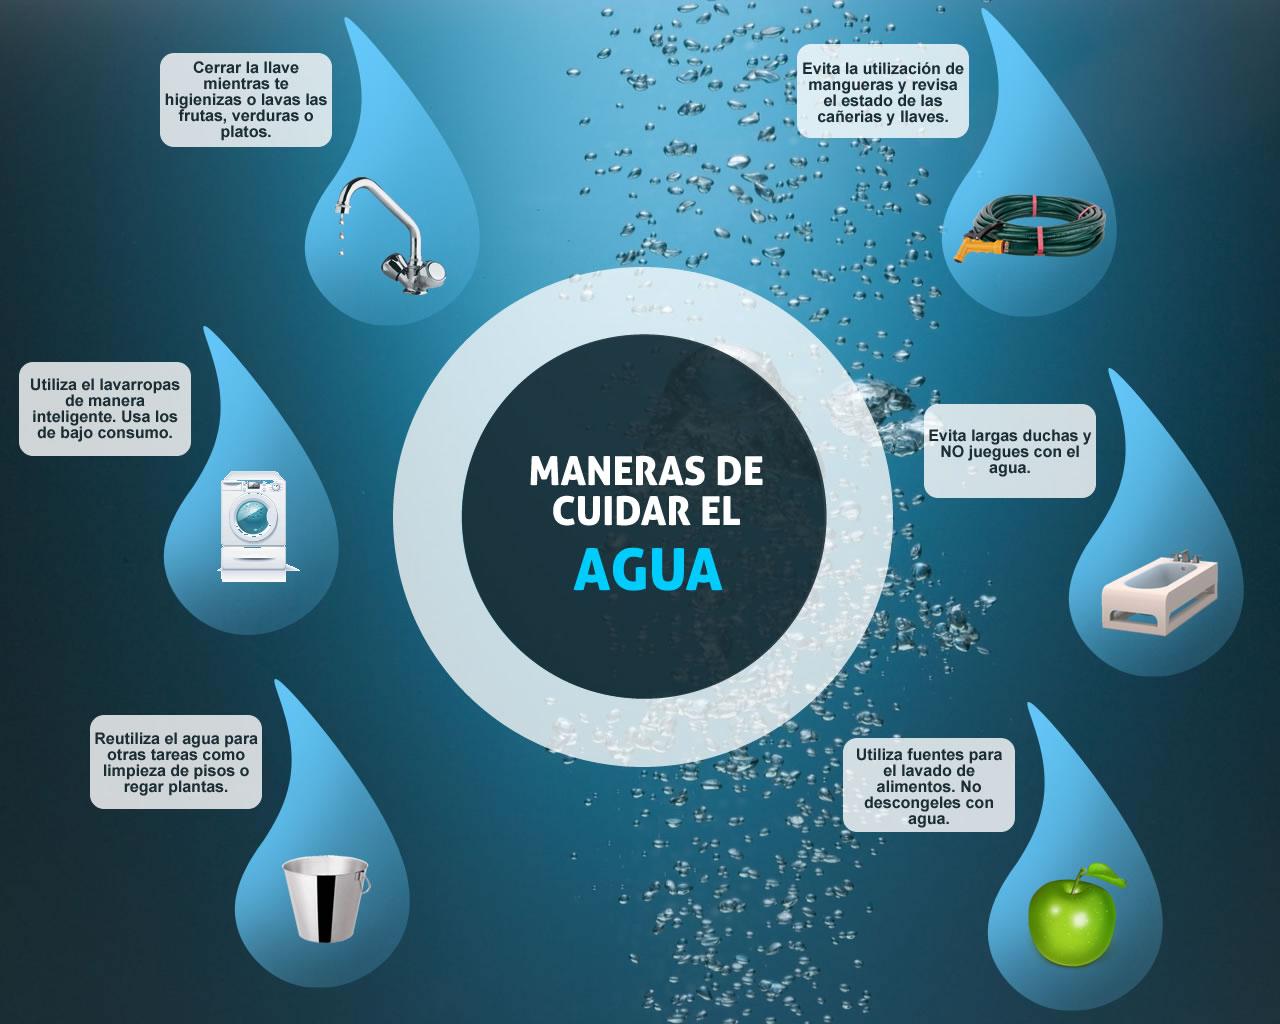 C mo podemos cuidar el agua consejos y concientizaci n for Hoteles maldivas sobre el agua